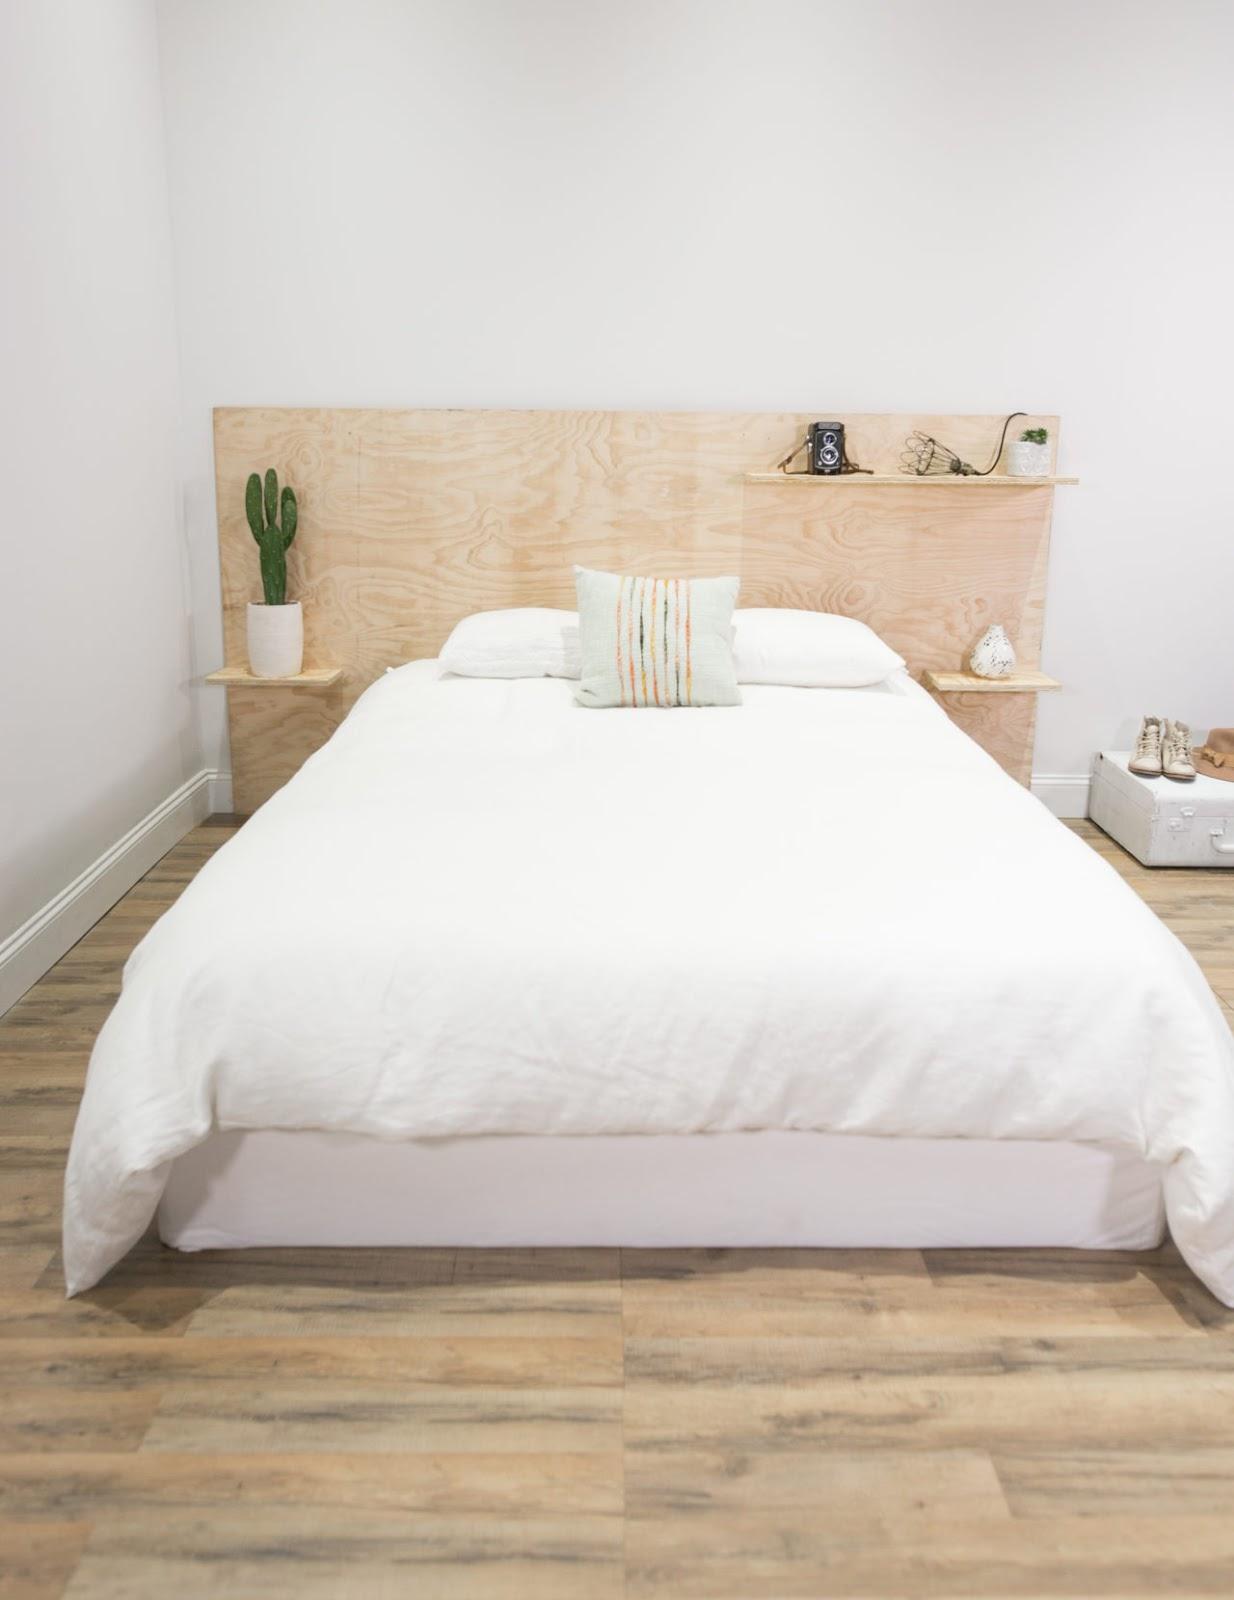 8 Plywood Headboard + Bed DIY Ideas | Poppytalk